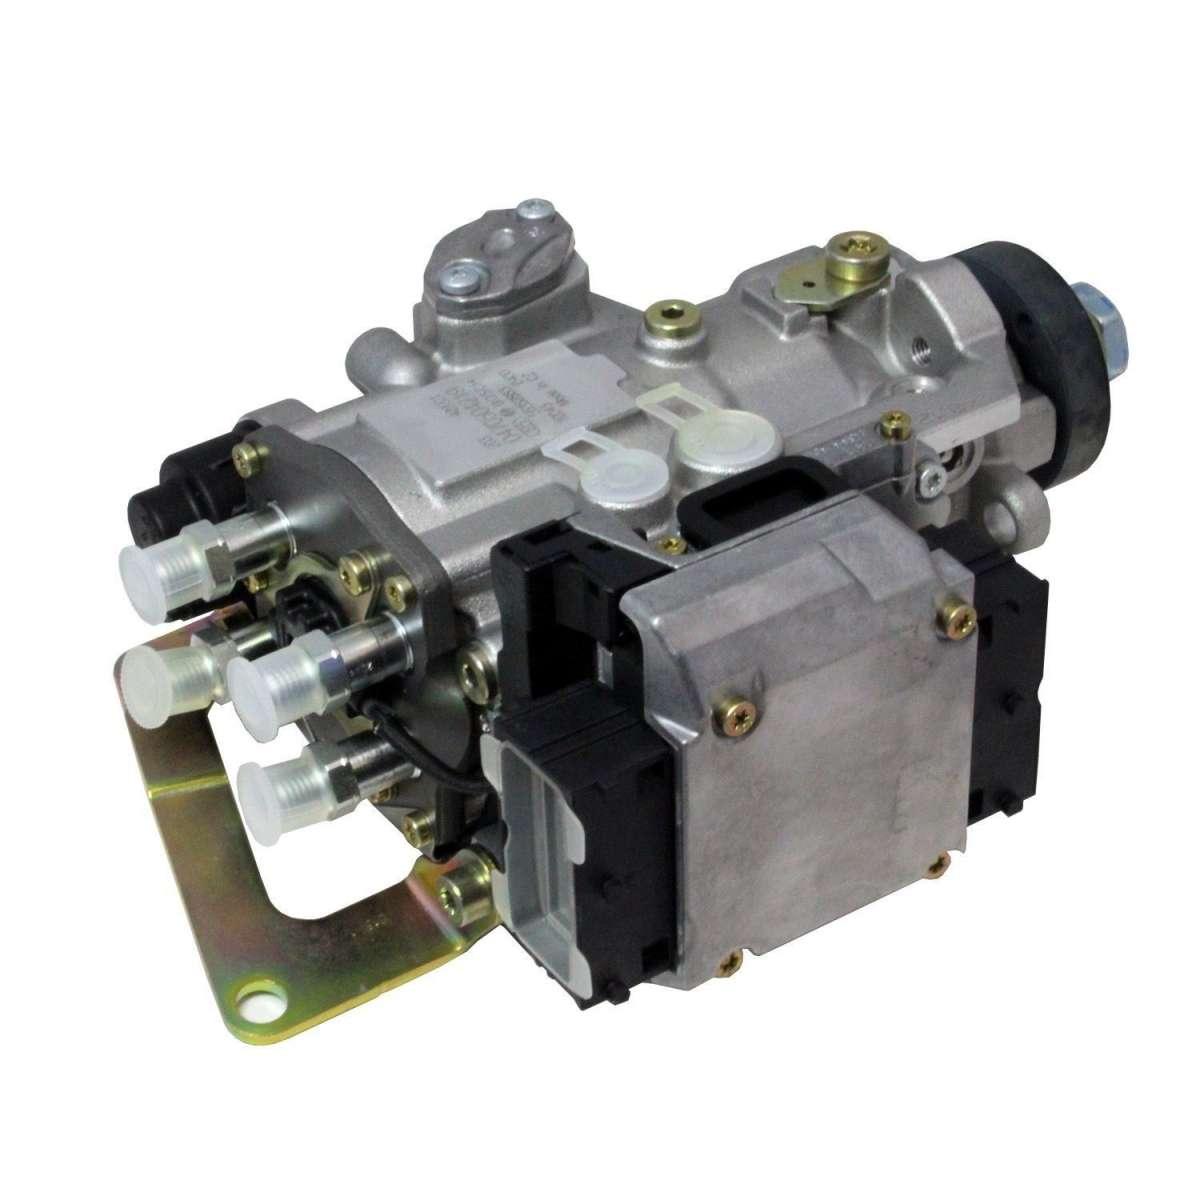 pompe injection diesel saab 9 3 2 2 tid 2003 2004 pi ces detach es saab. Black Bedroom Furniture Sets. Home Design Ideas